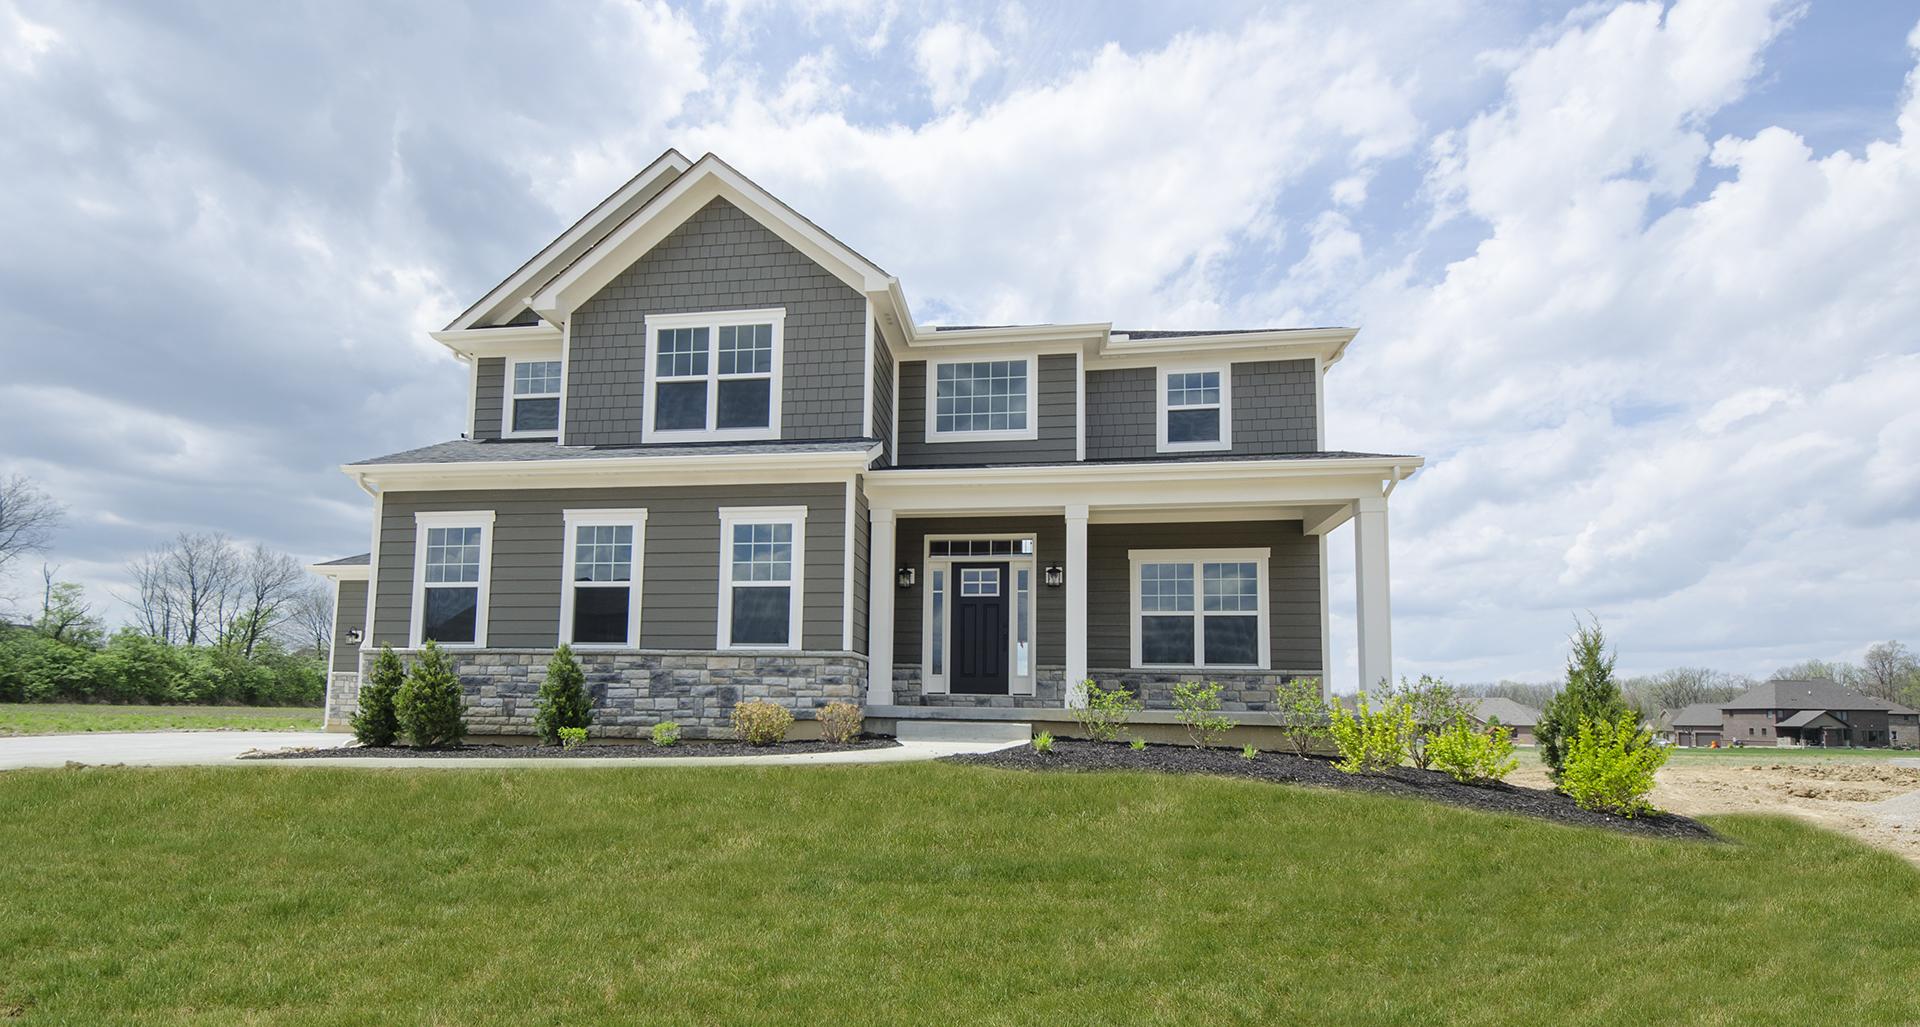 Home exteriors design homes for Design homes com